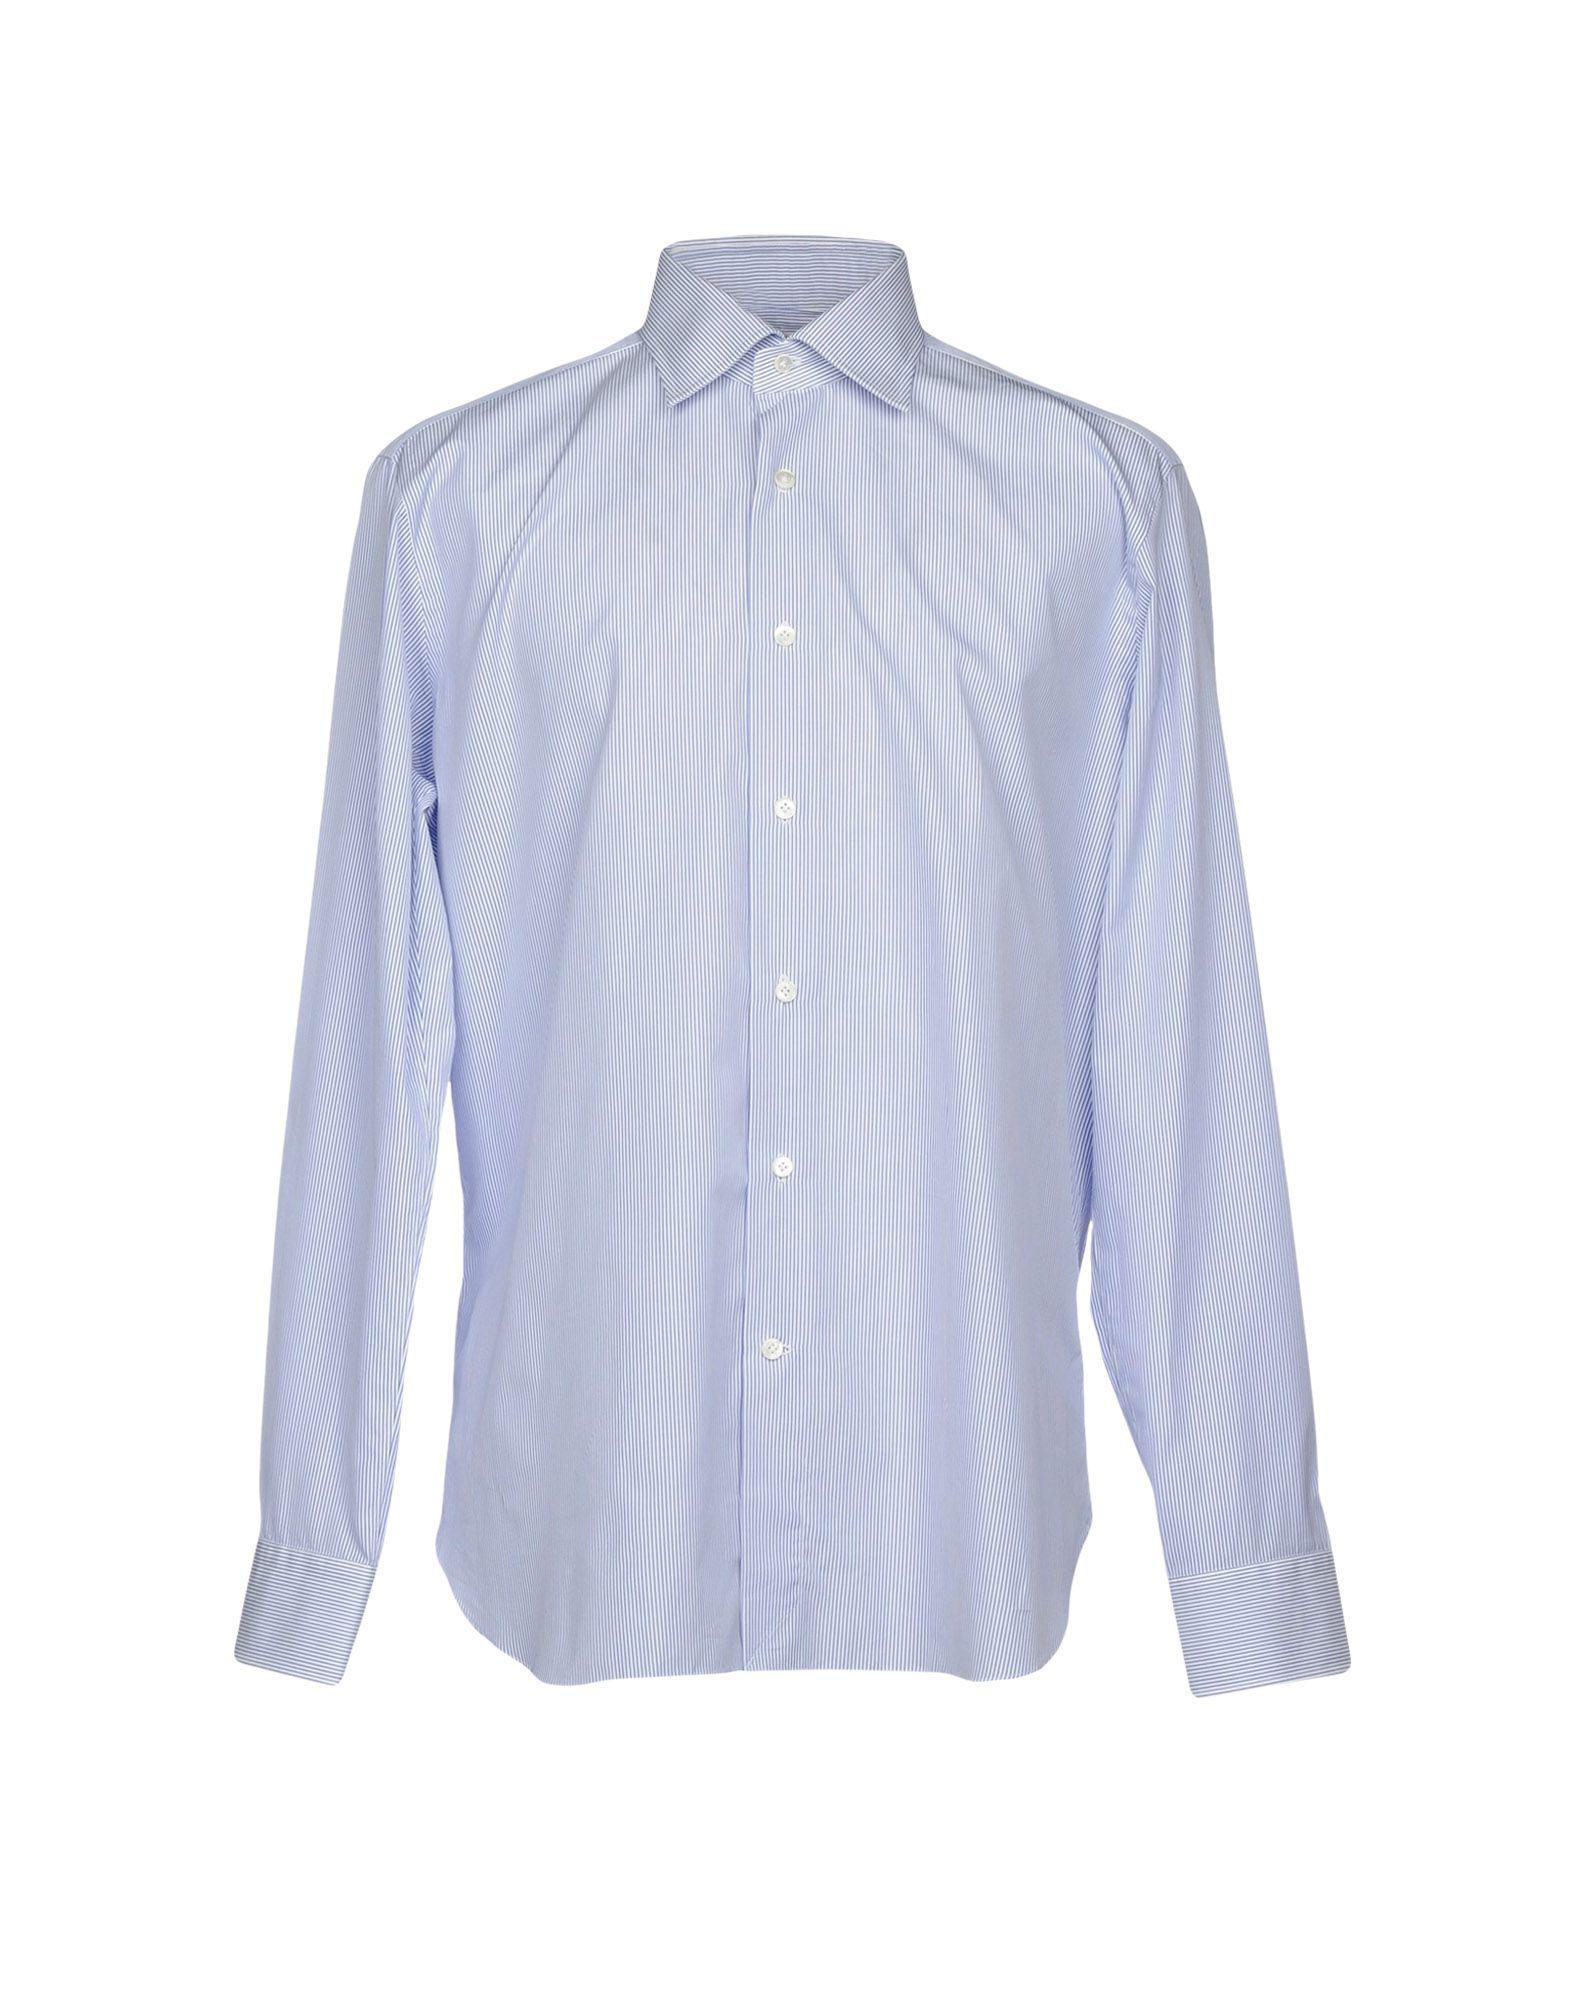 TRUZZI Herren Hemd Farbe Azurblau Größe 9